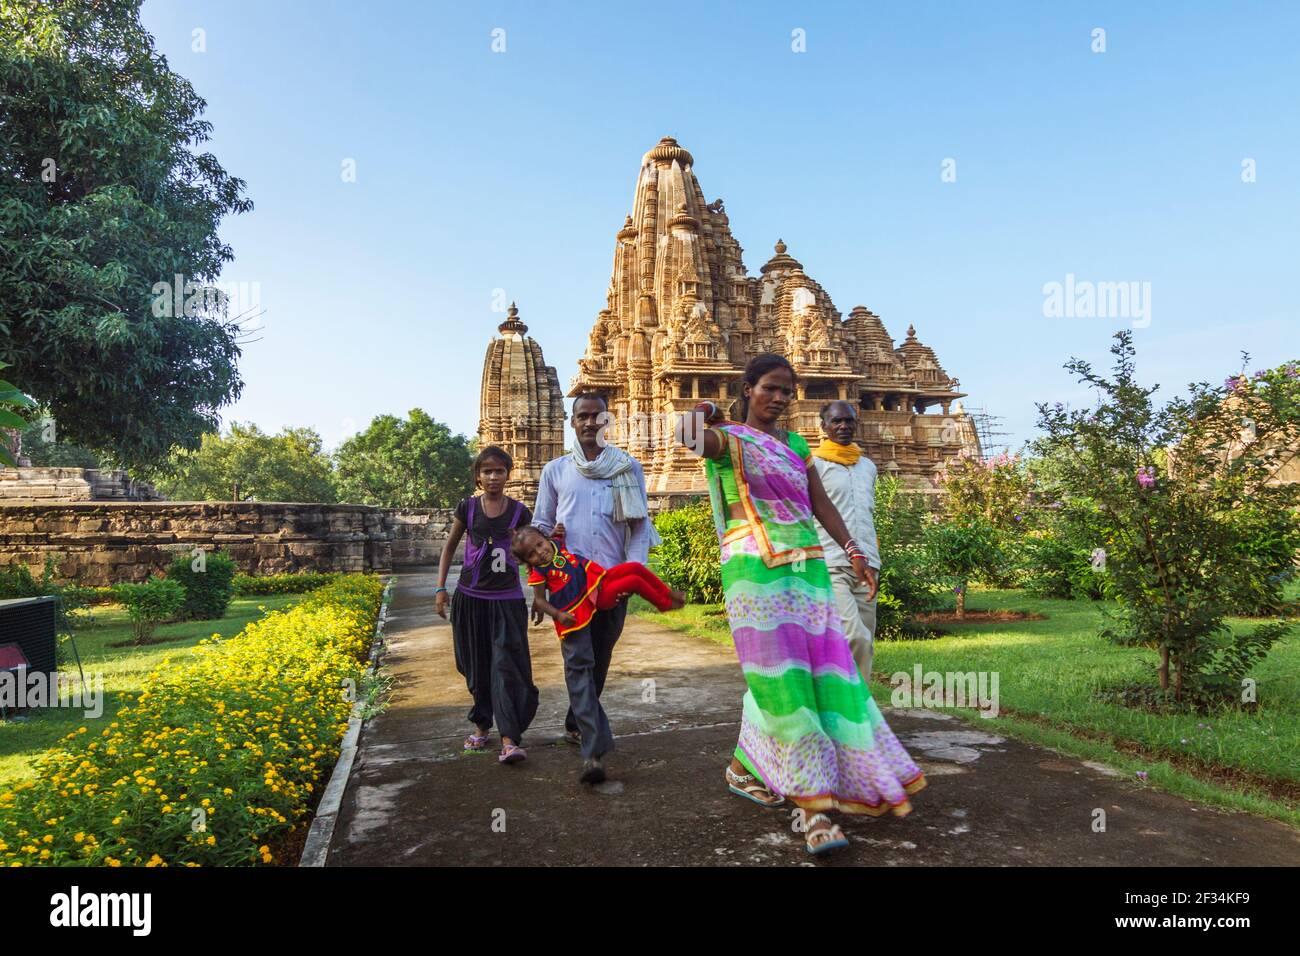 Khajuraho, Madhya Pradesh, Inde : une famille indienne passe devant le temple Lakshmana du Xe siècle, partie du groupe occidental de l'UNESCO World Heritag Banque D'Images